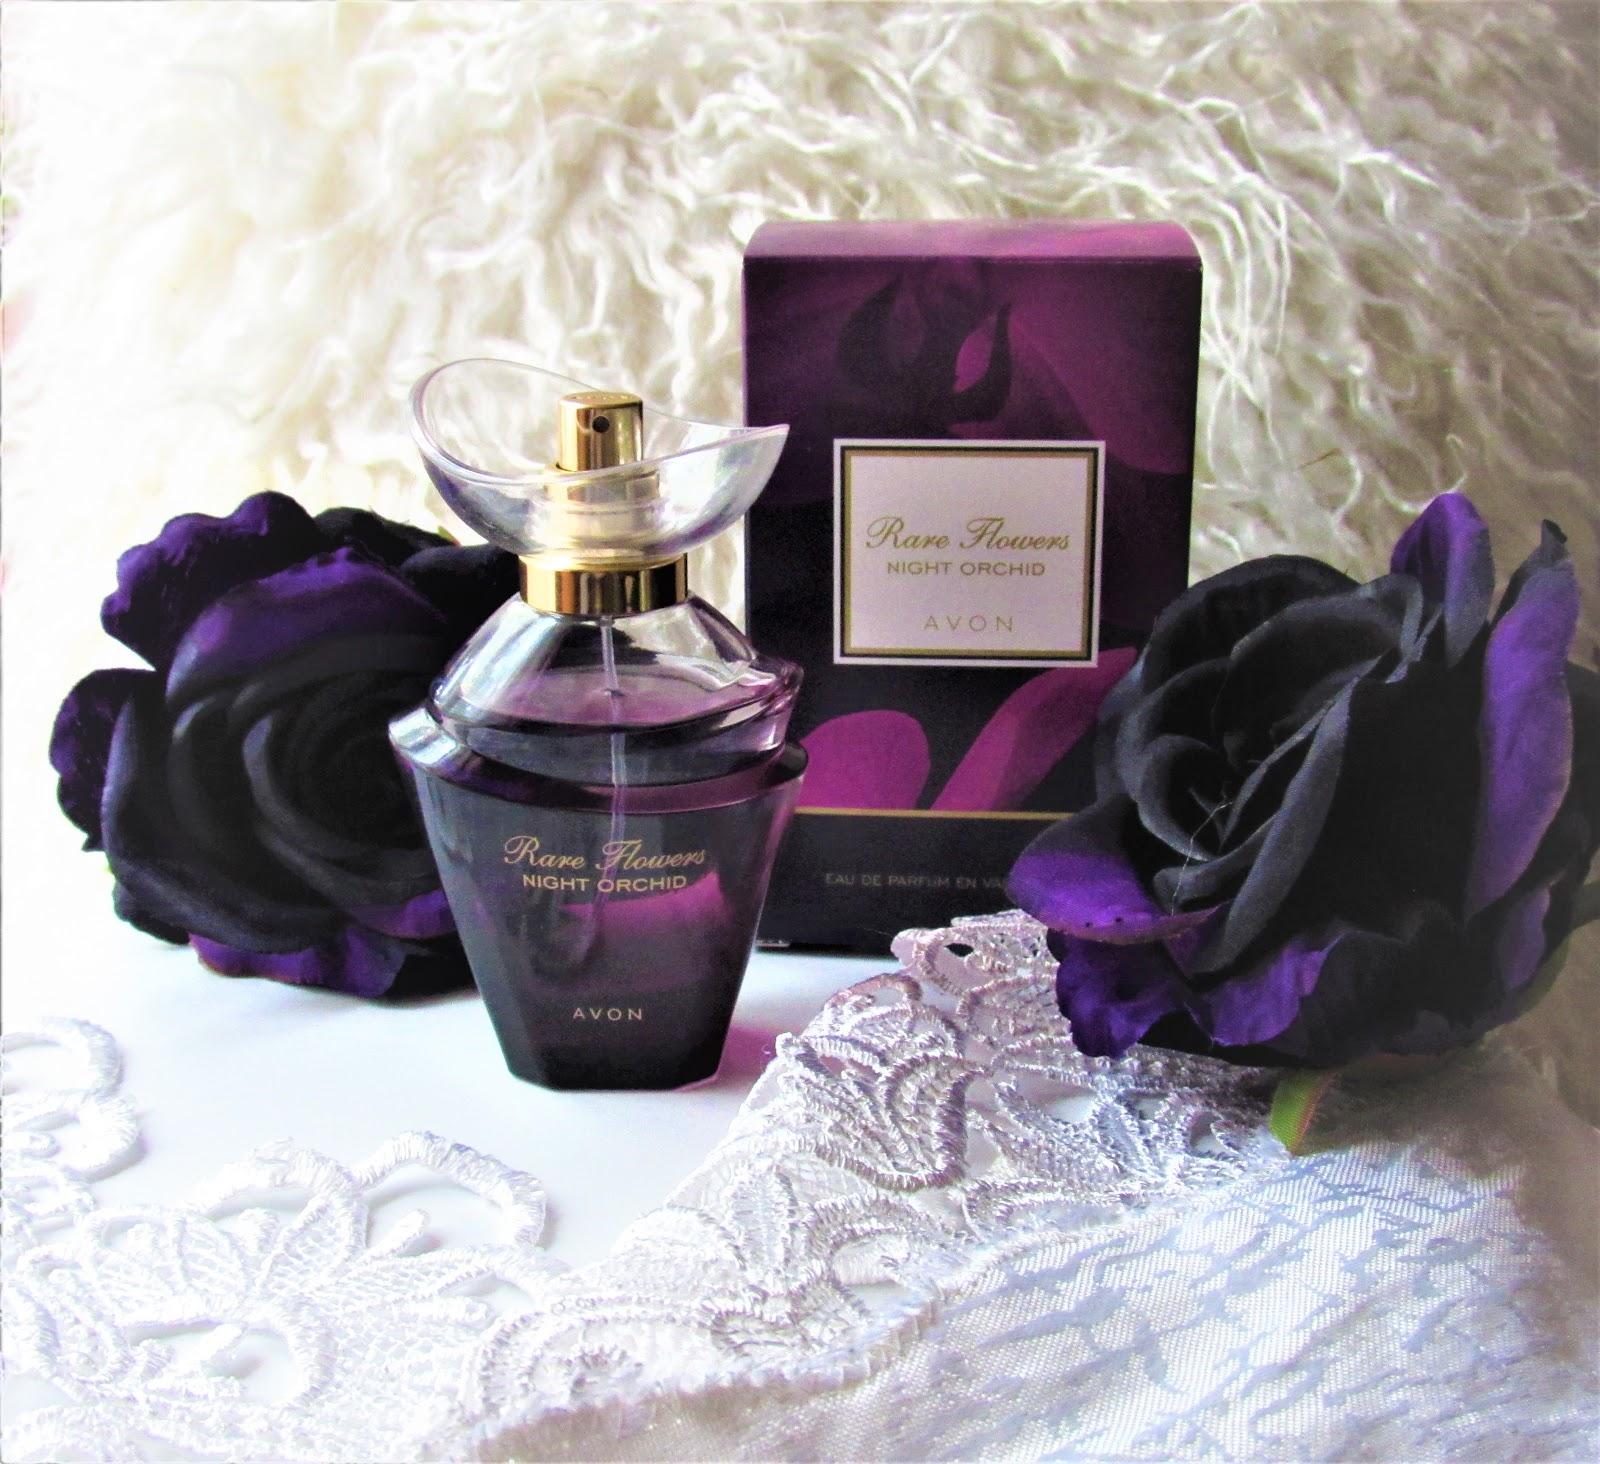 Woda perfumowana Rare Flowers Night Orchid od Avon - Moje wrażenia po  przetestowaniu - Annastylefashion